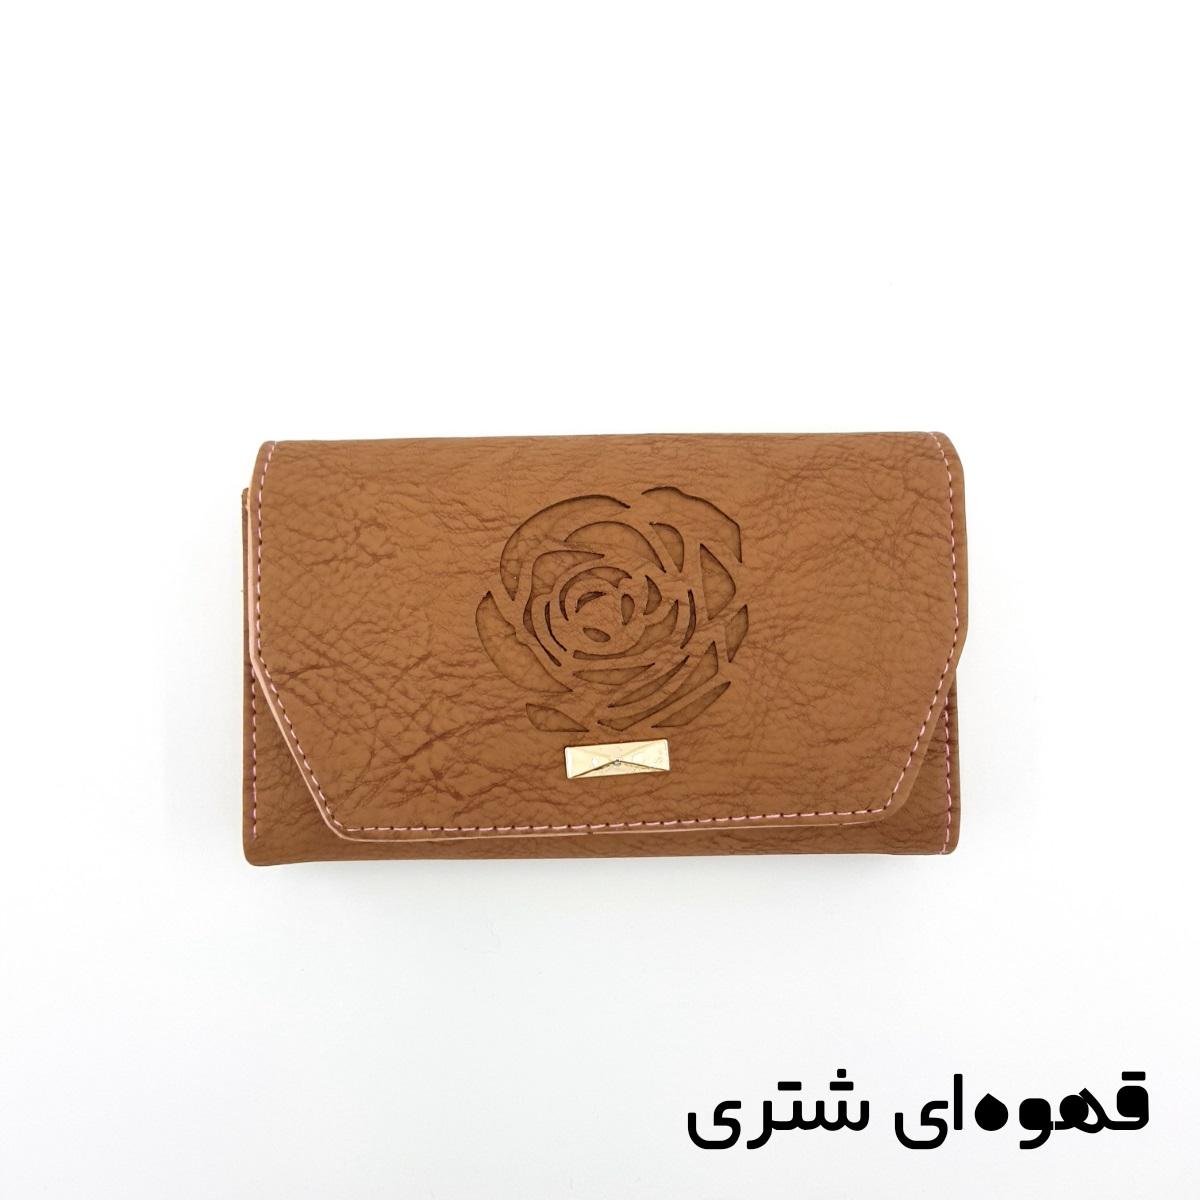 کیف پول زنانه طرح گل رز -  - 6